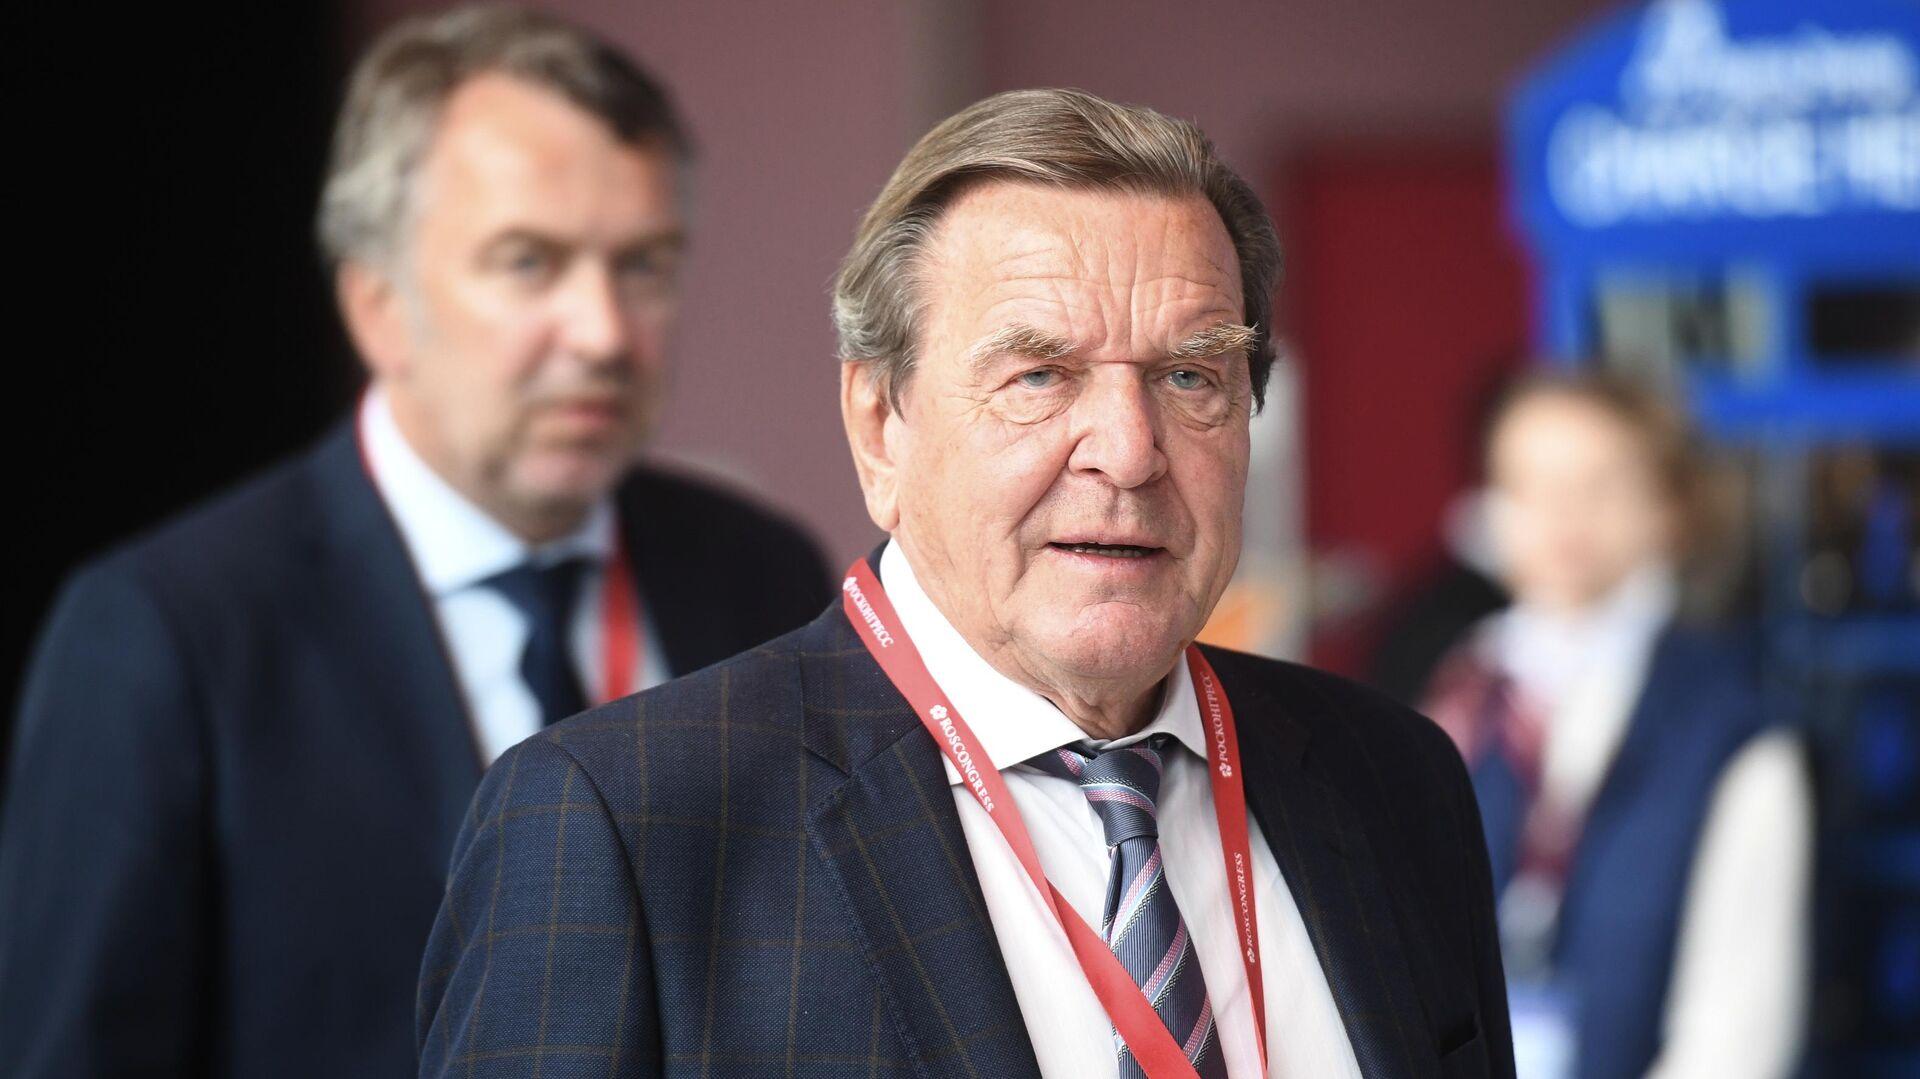 Председатель комитета акционеров Nord Stream 2 Герхард Шредер на Петербургском международном экономическом форуме 2019 - РИА Новости, 1920, 17.01.2021